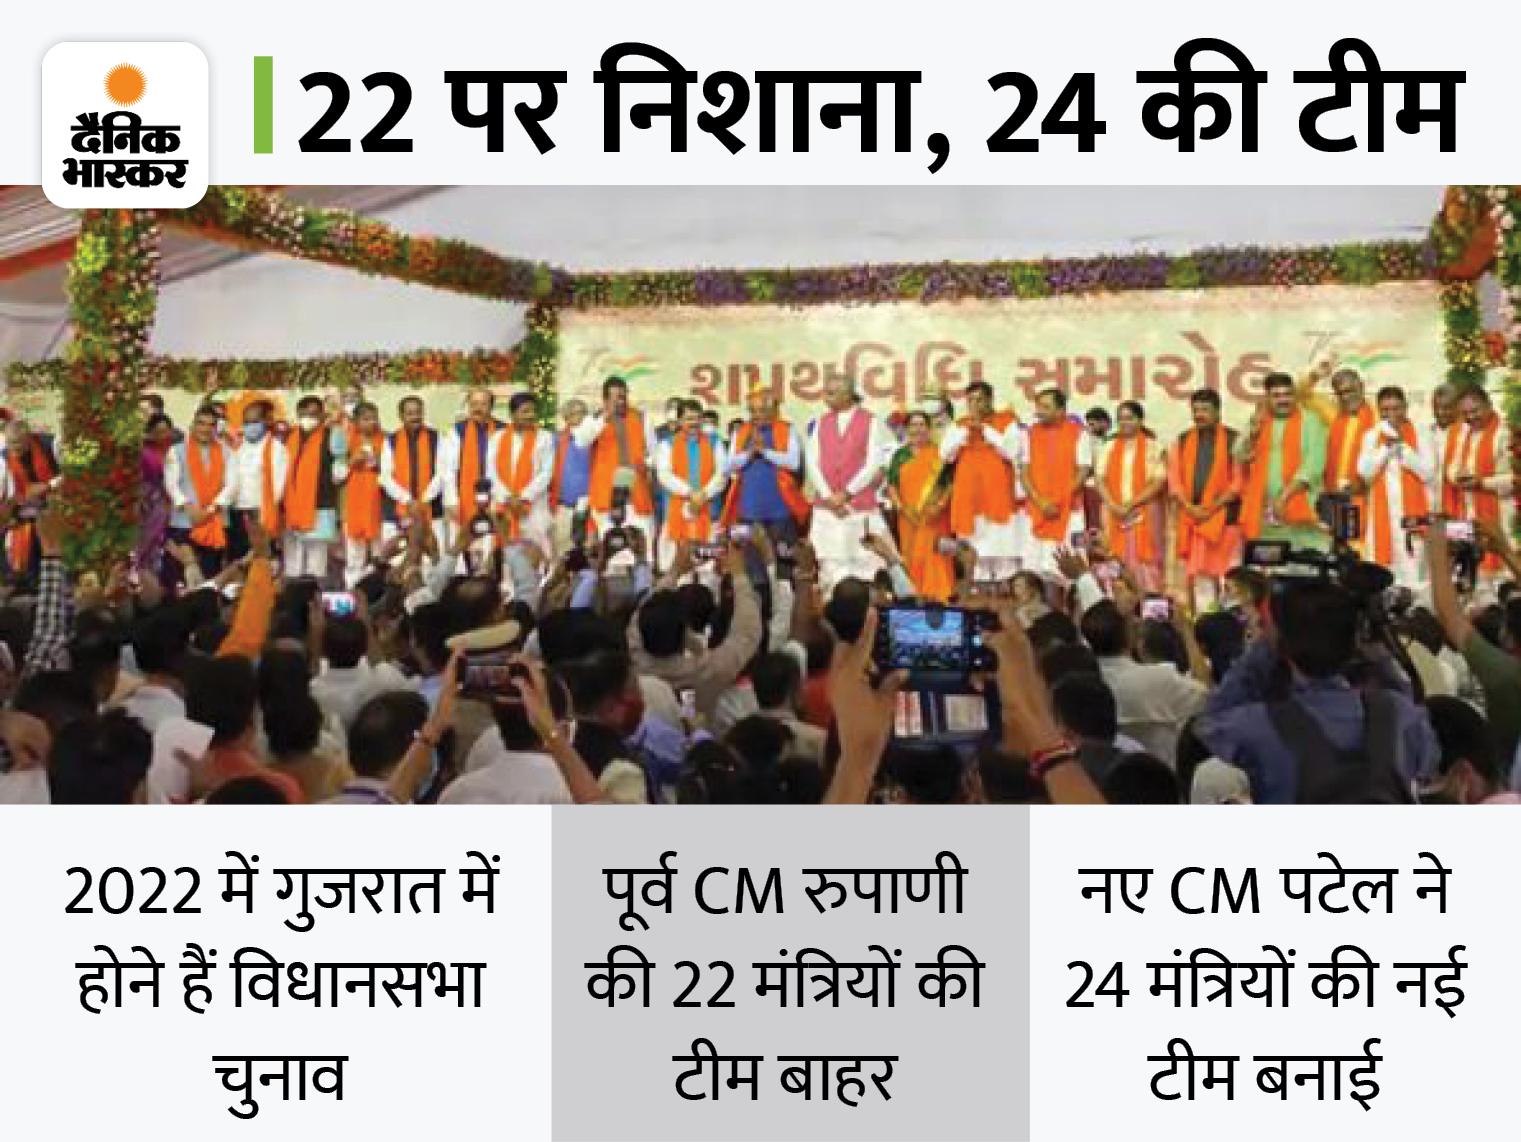 भूपेंद्र पटेल कैबिनेट में 24 मंत्री शामिल, रुपाणी मंत्रिमंडल के सभी 22 बाहर; बदलाव के साथ 2022 के चुनाव की तैयारी|देश,National - Dainik Bhaskar